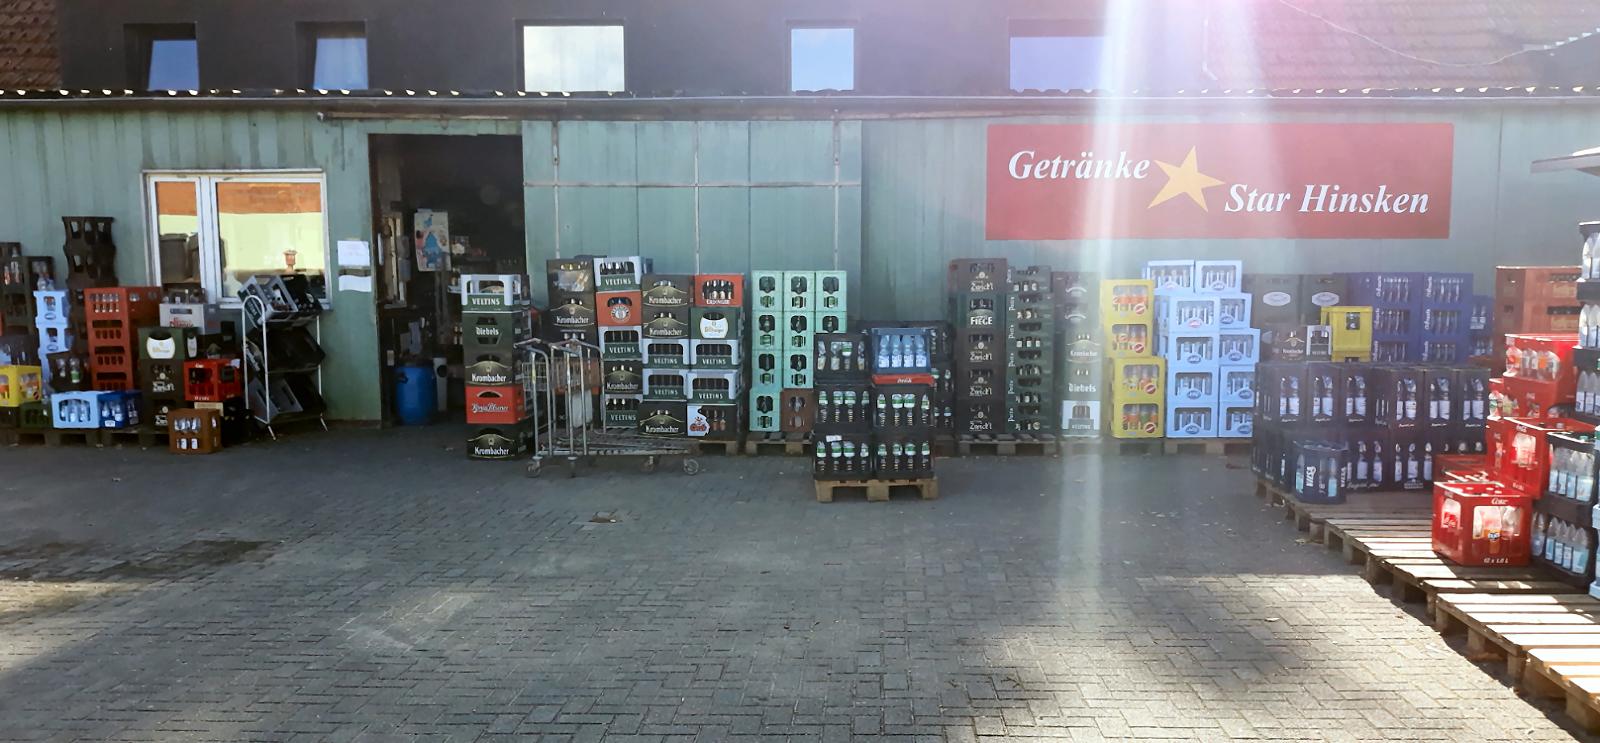 Getränkehandel Hinsken